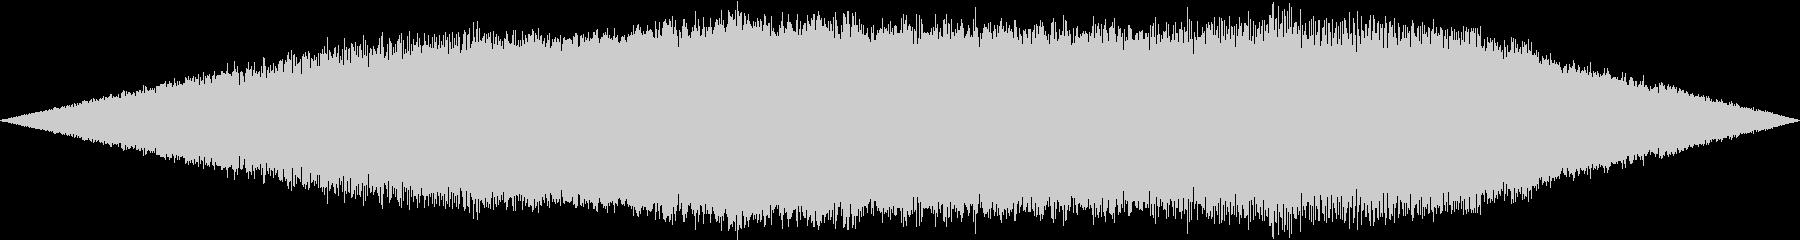 機械的な起動する音の未再生の波形